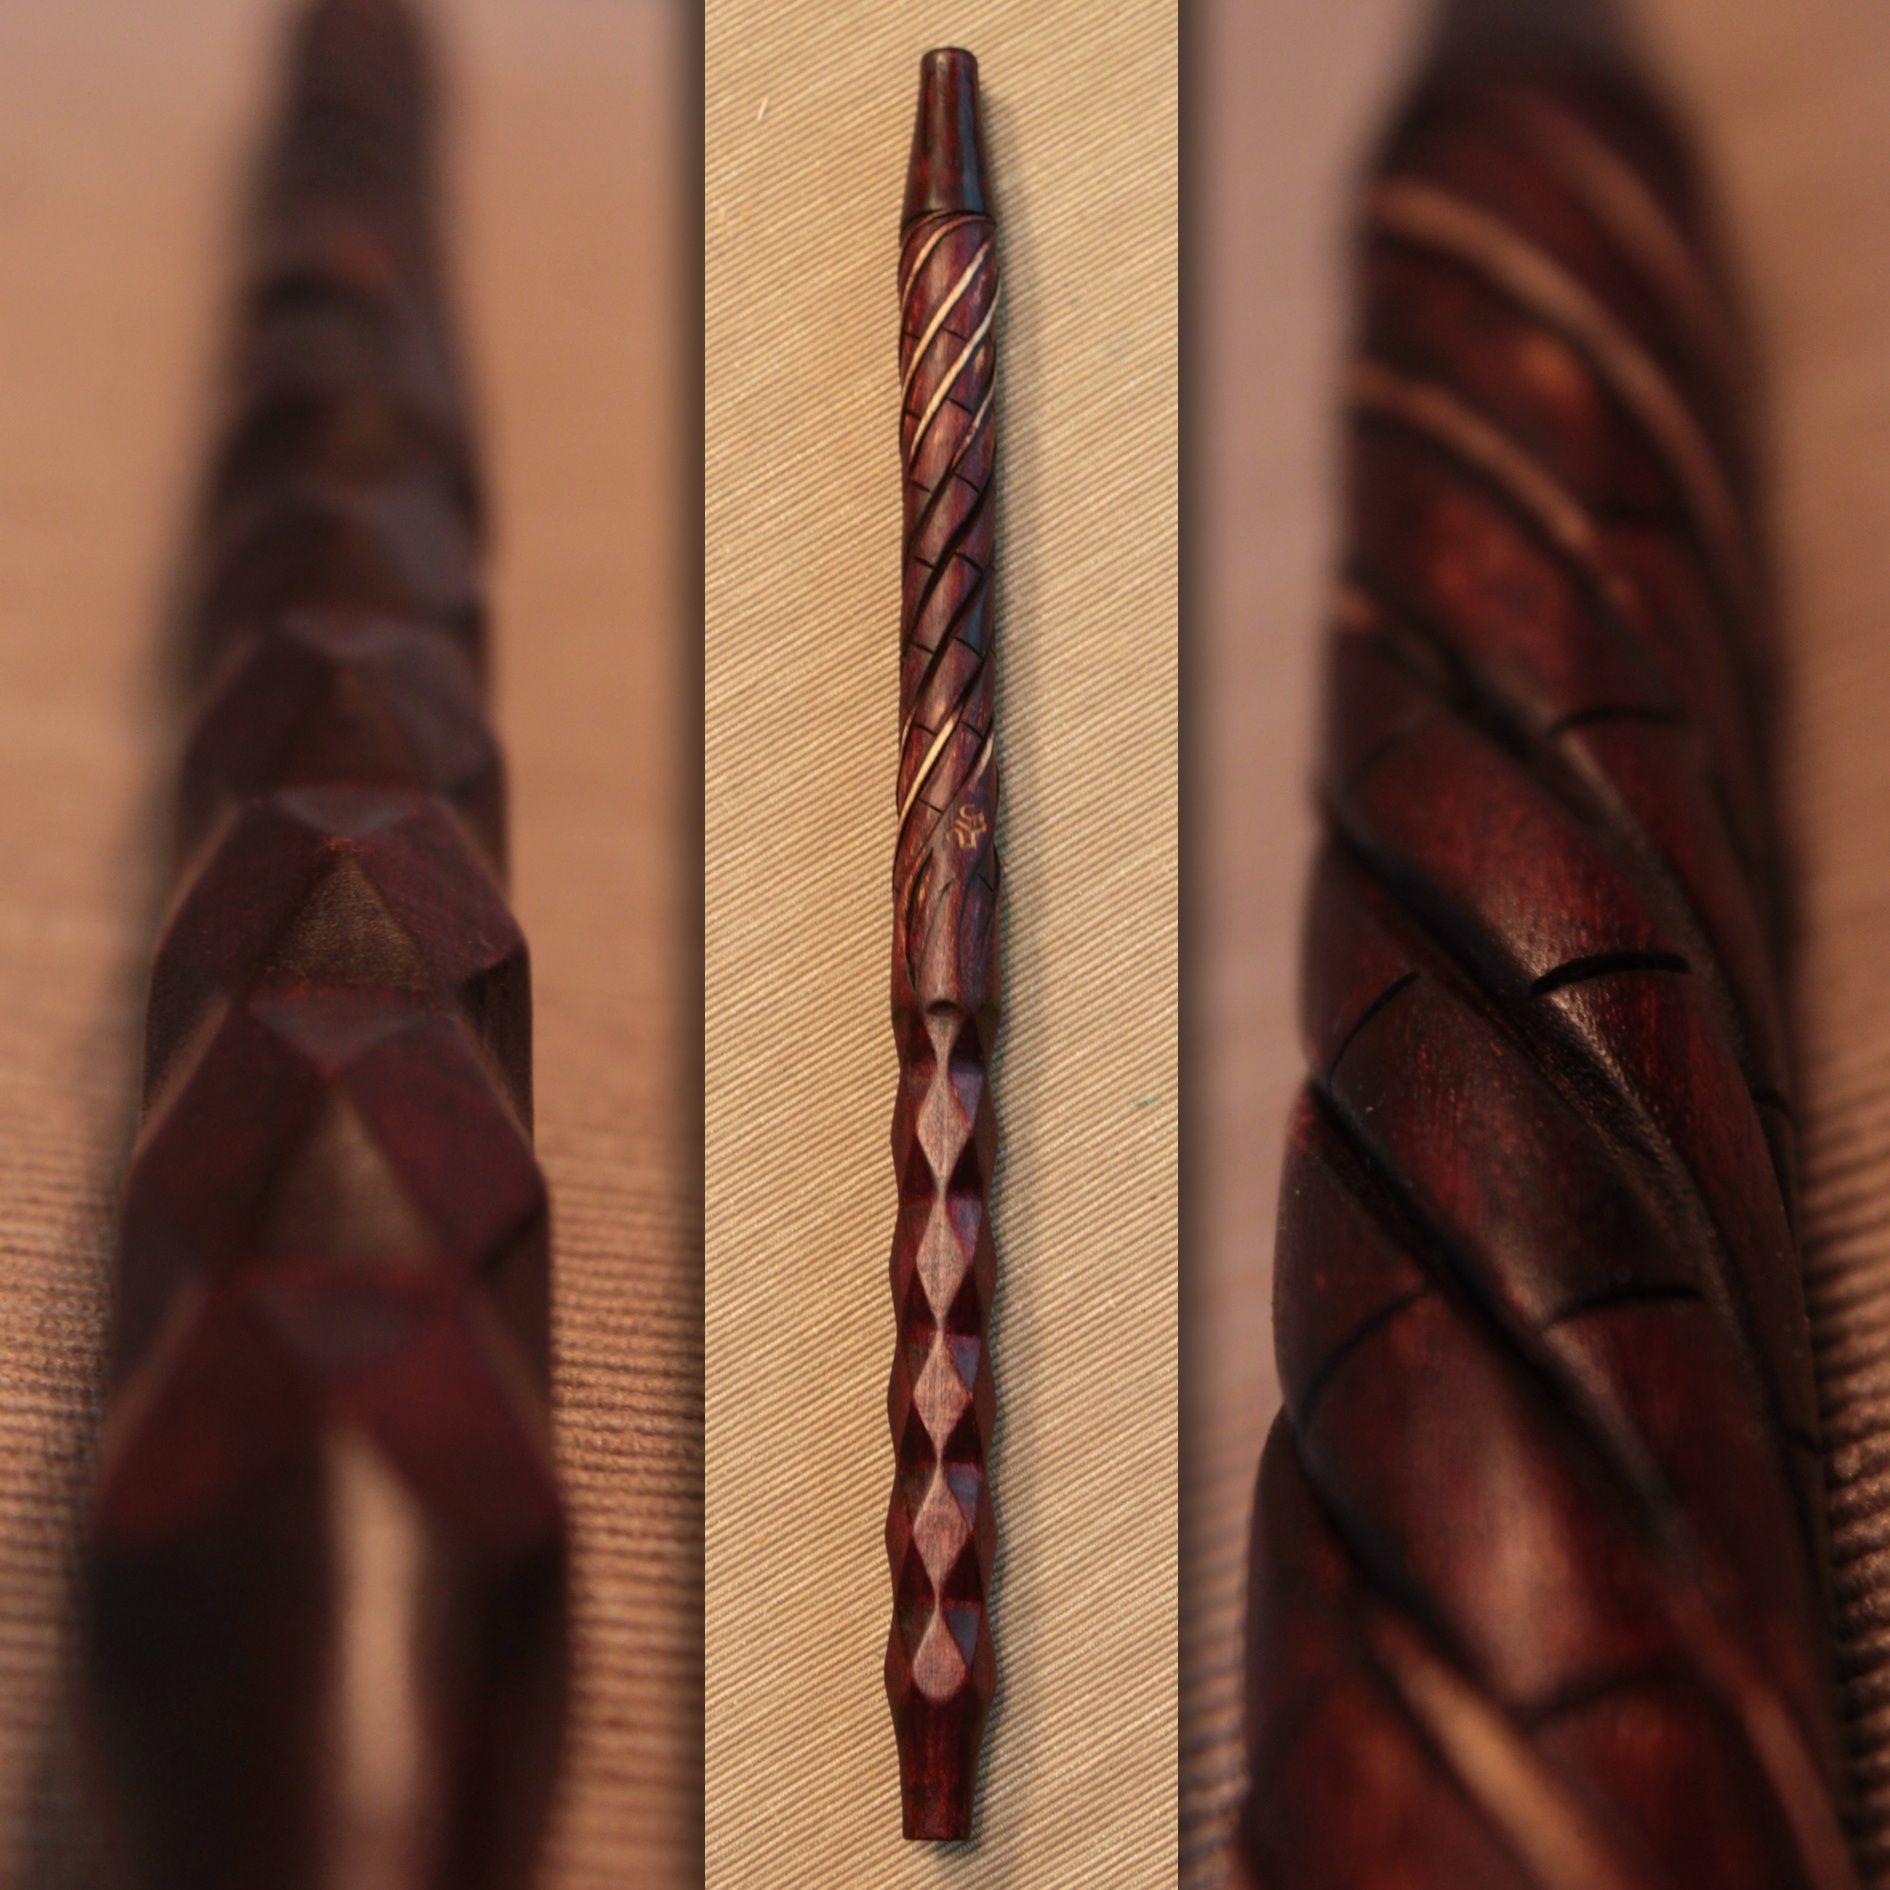 Мундштук для кальяна из дерева на основании из анодированного алюминия. Выполнен вручную с элементами резьбы. Покрыт морилками и маслом с воском